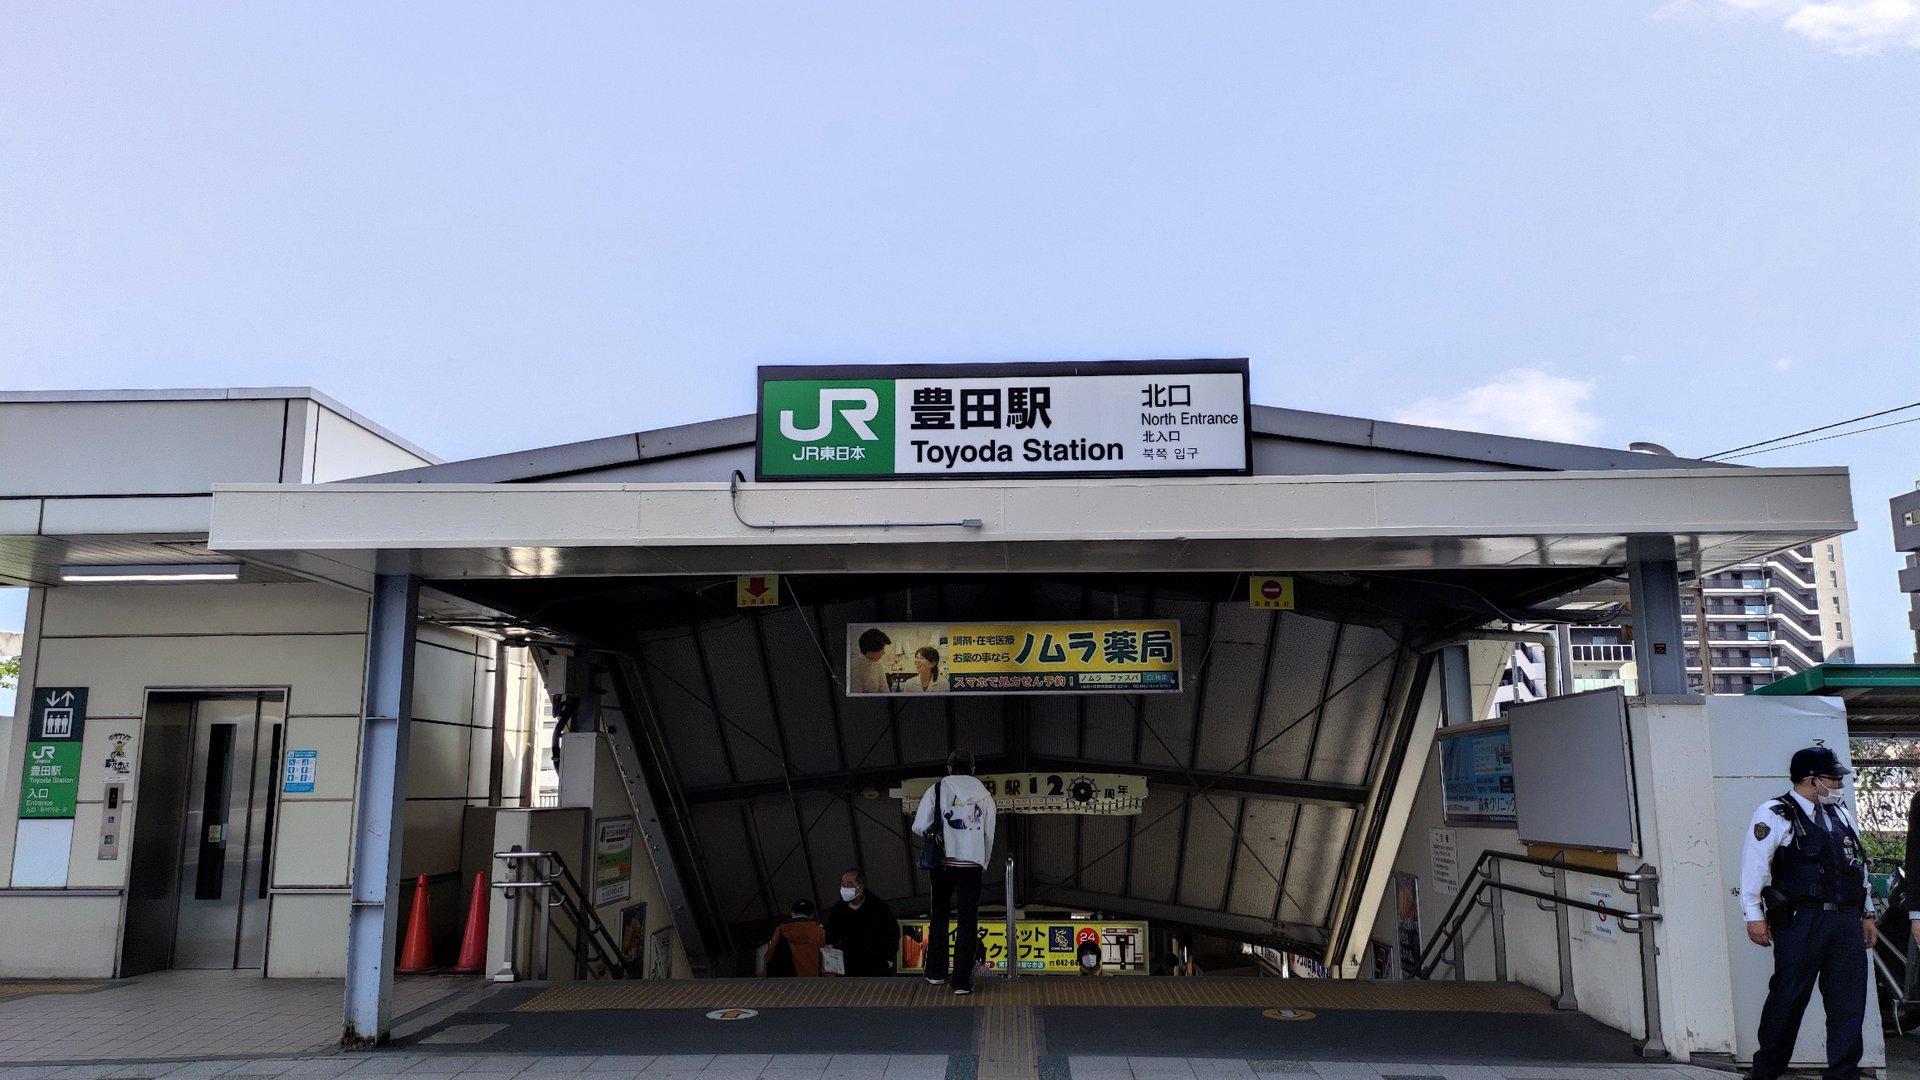 Toyoda Station (豊田駅(とよだ))